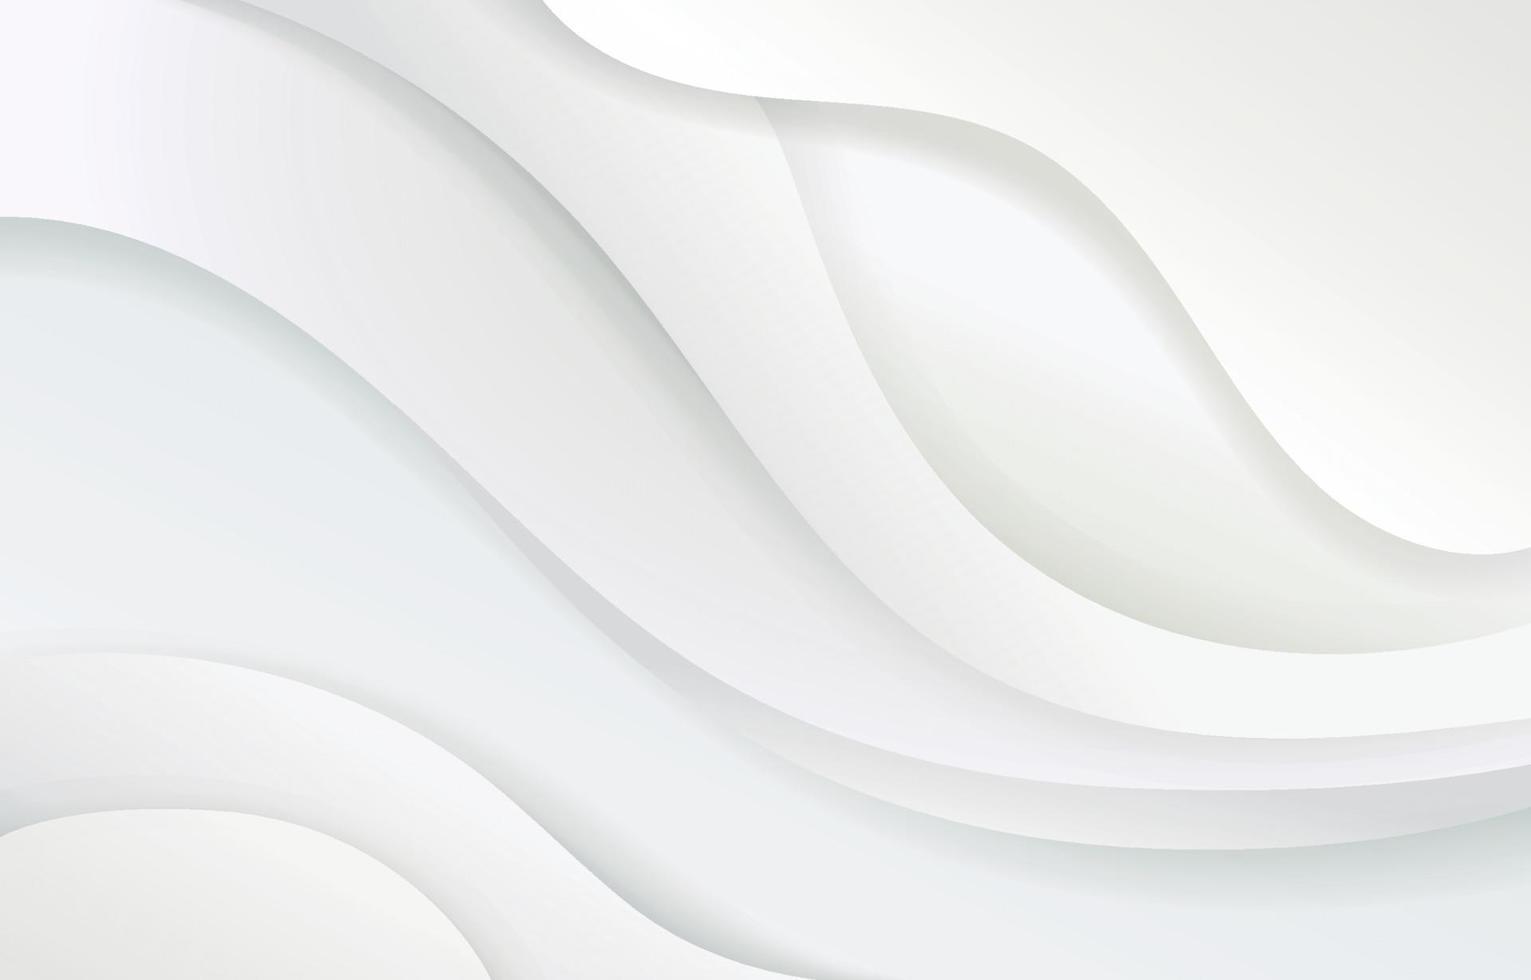 abstracte witte en grijze kleur achtergrond vector